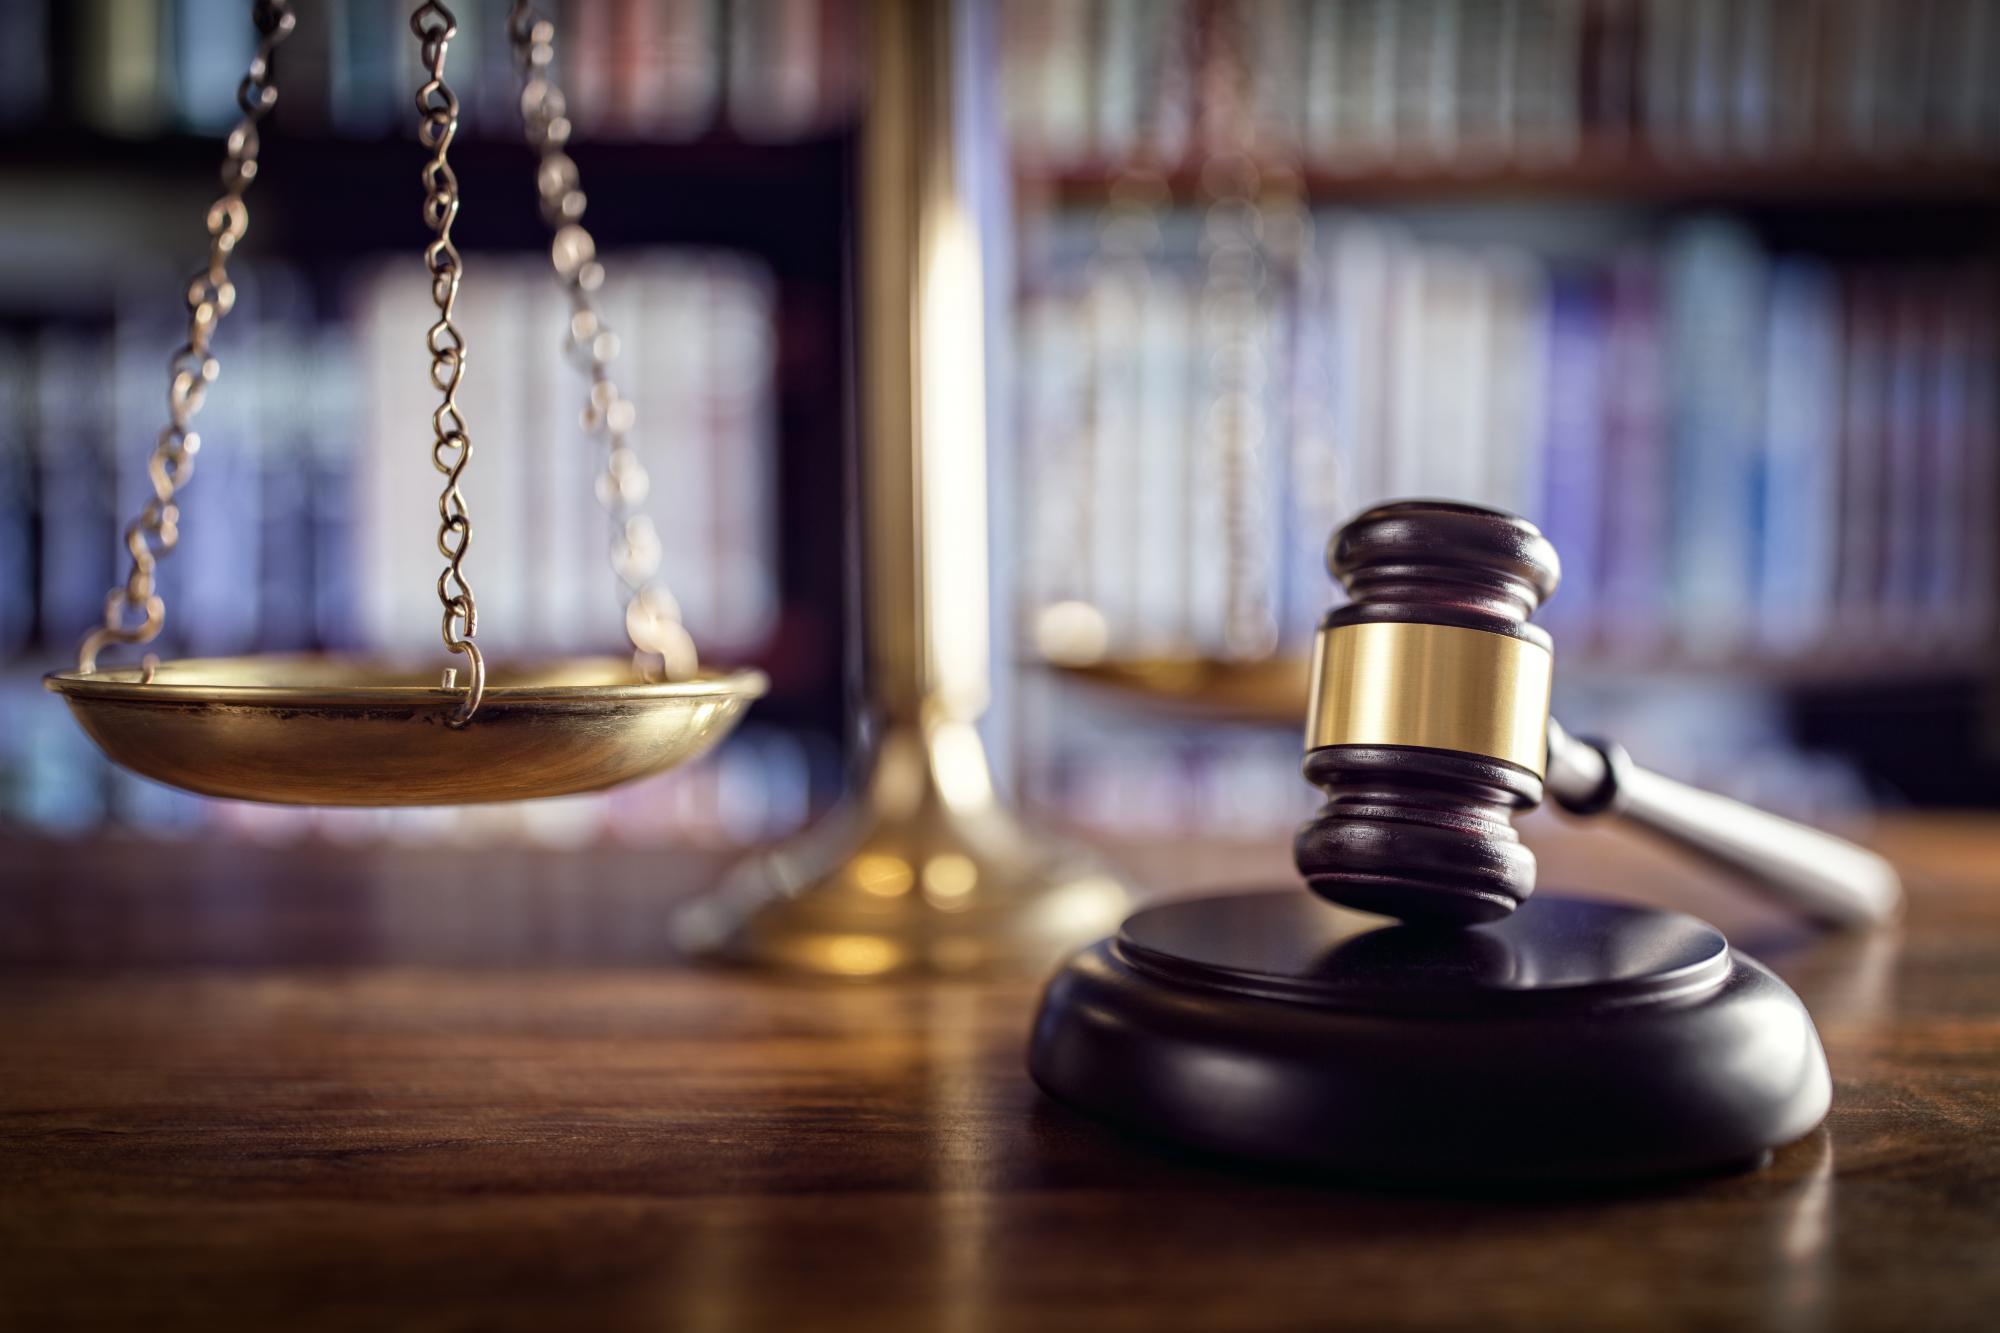 Разъяснения Минфина разрешили оспаривать в суде